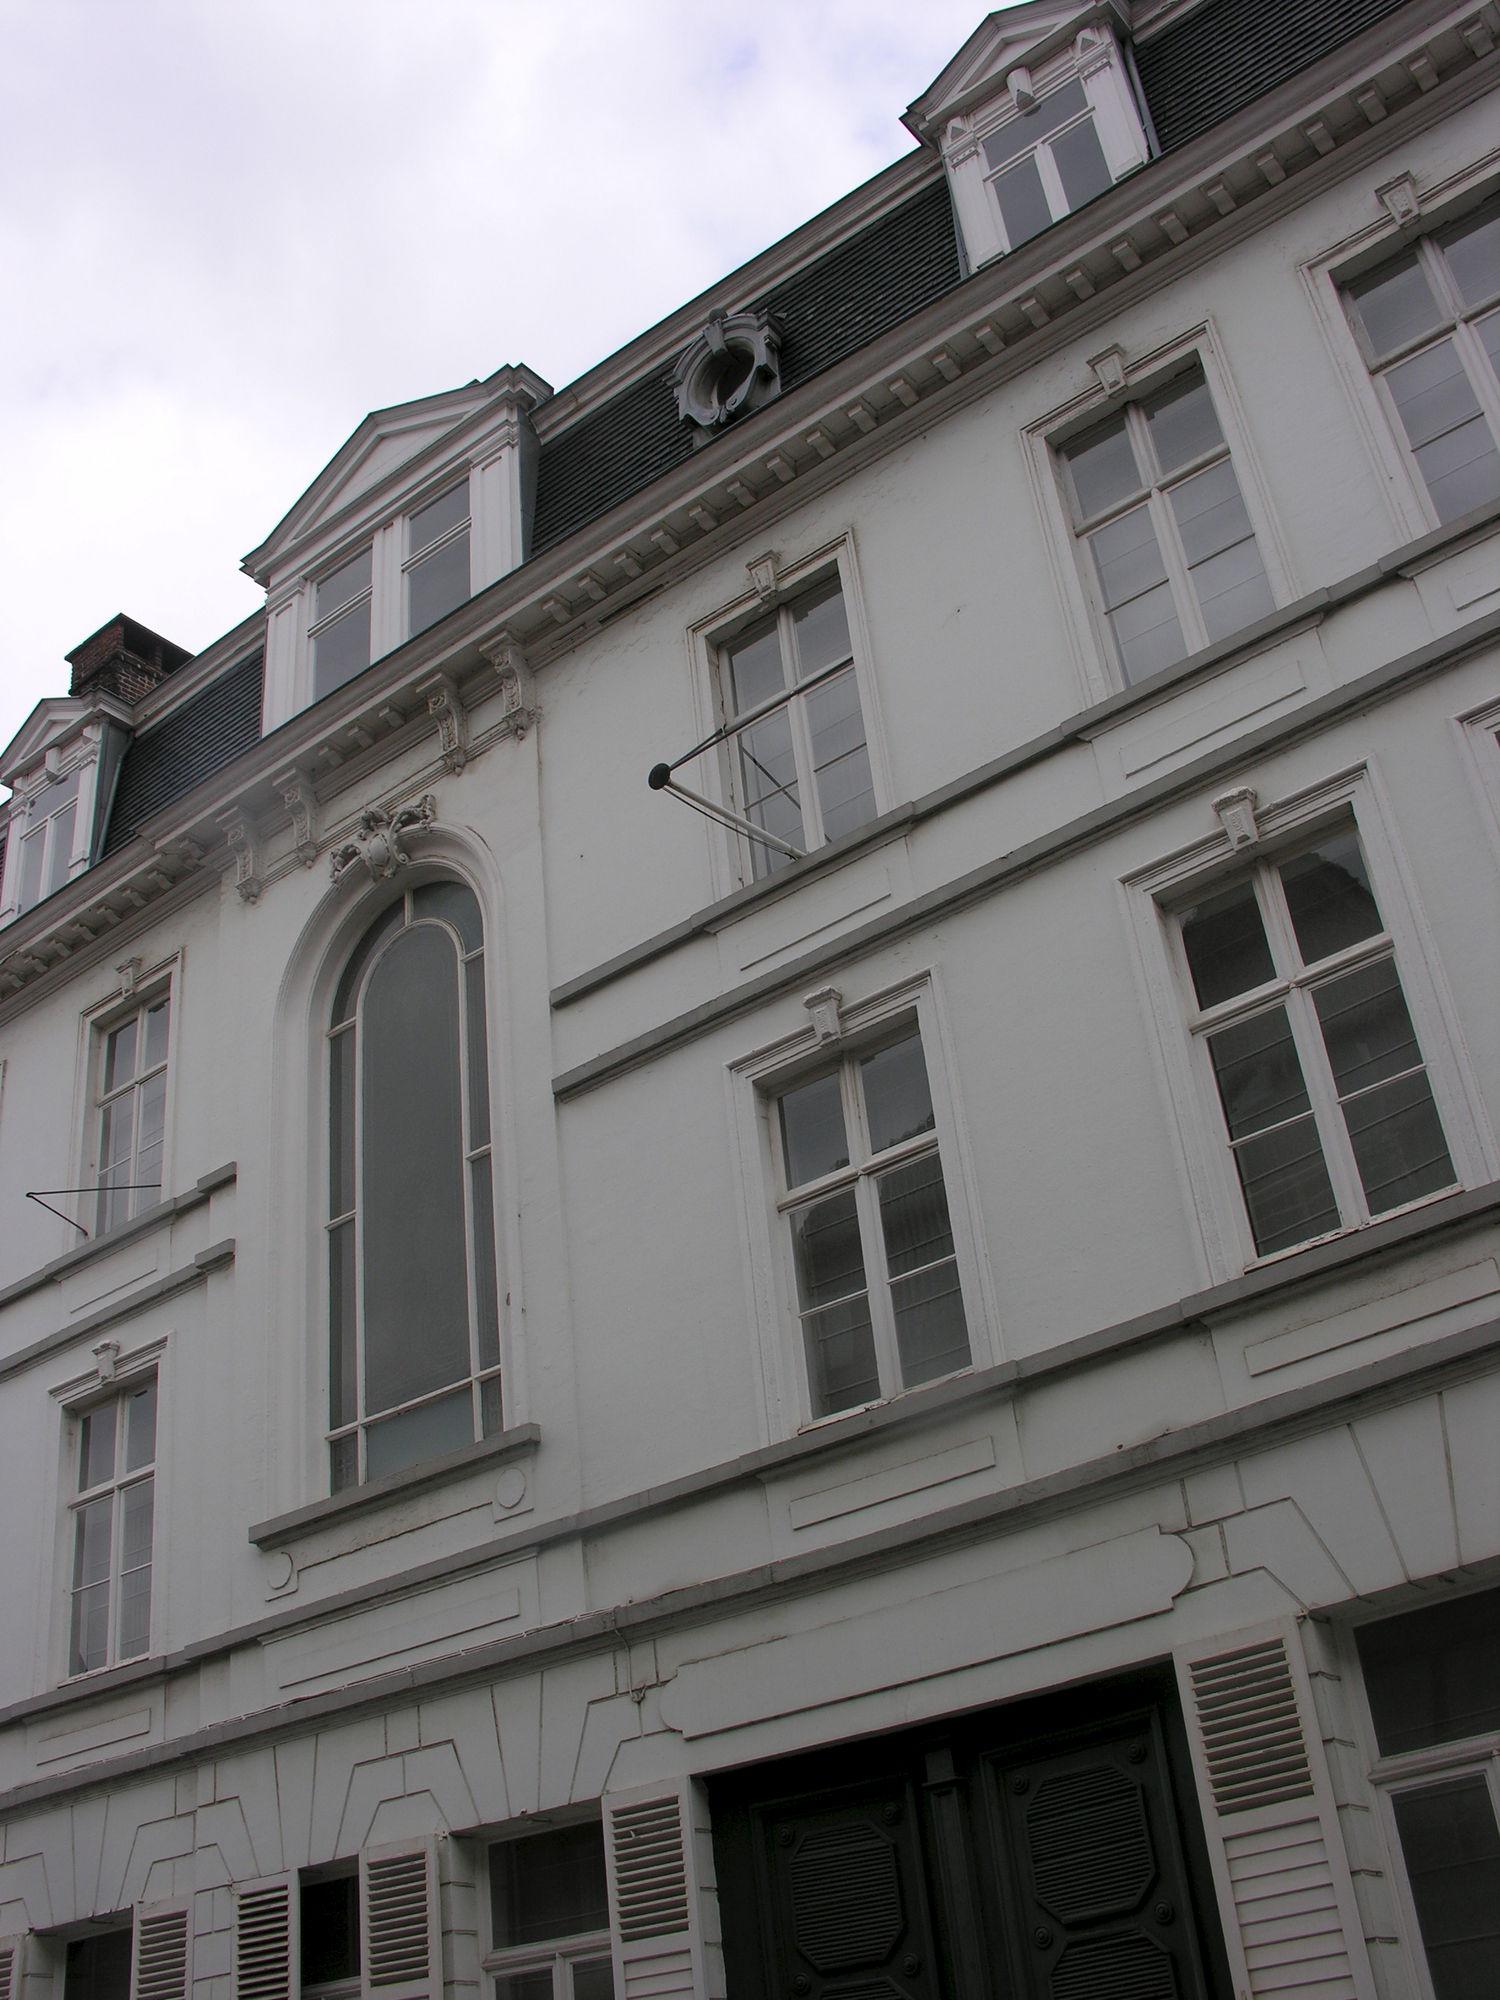 Groeningestraat - Huis van Dokter Vander Plancke